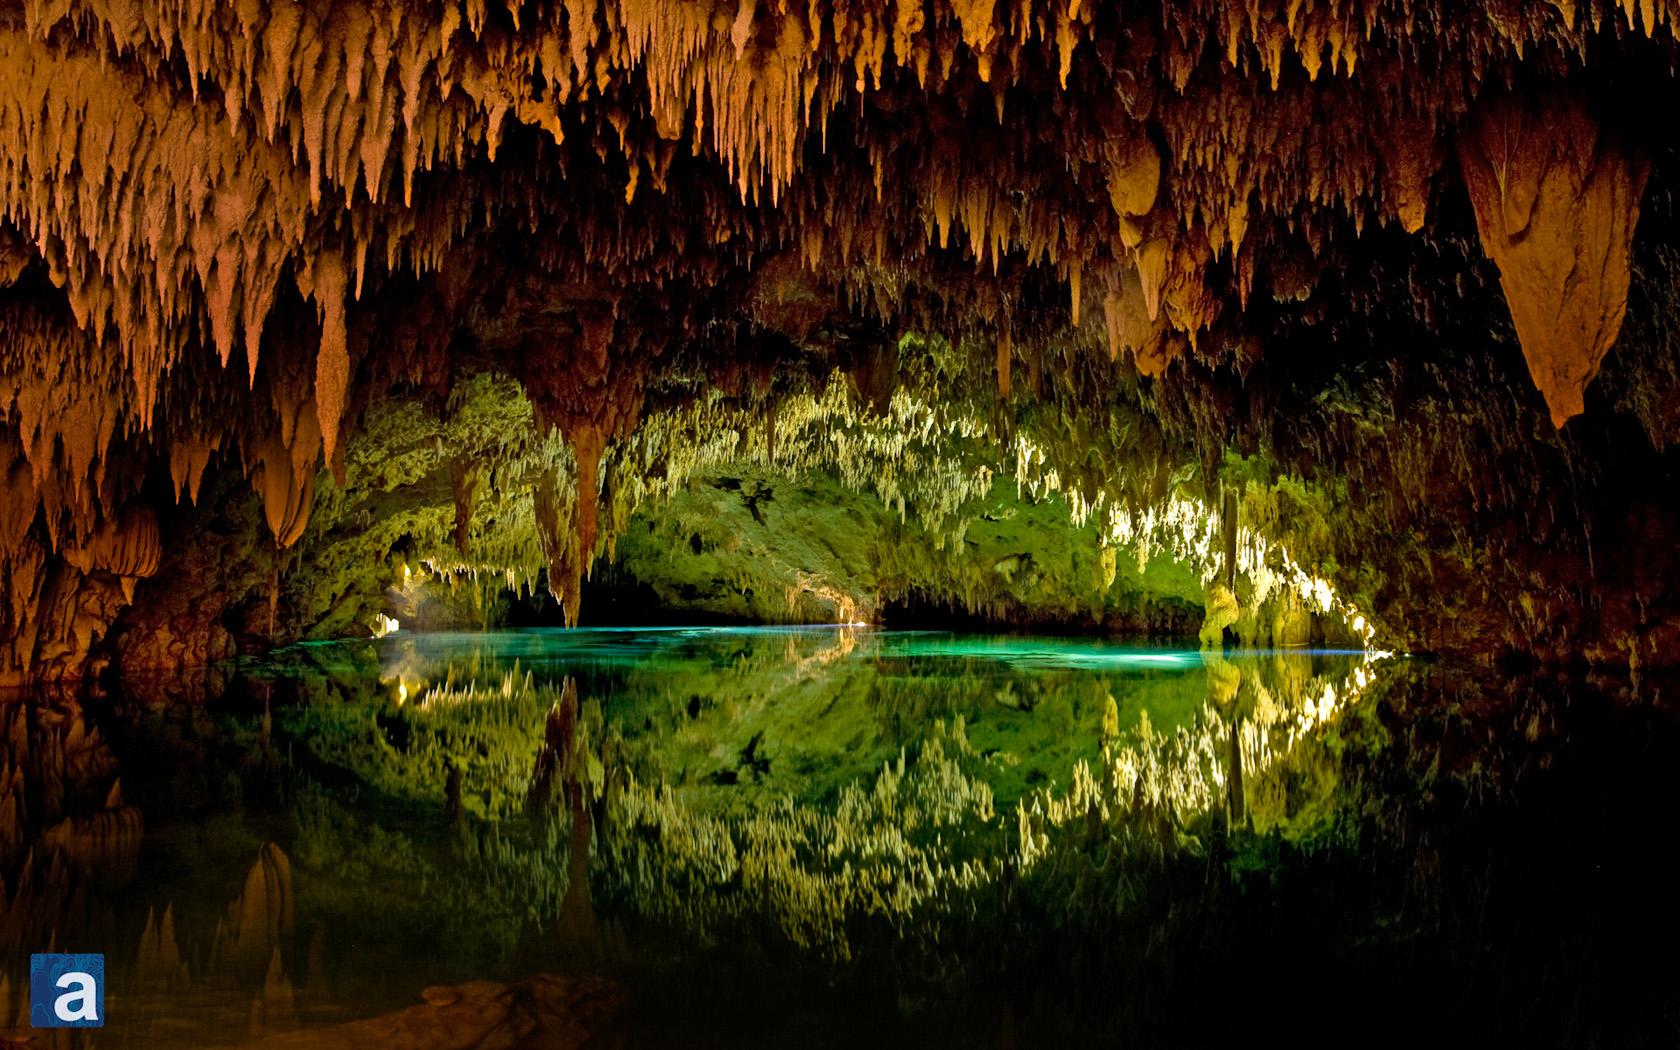 Wallpaper Cave Wallpapersafari HD Wallpapers Download Free Images Wallpaper [1000image.com]